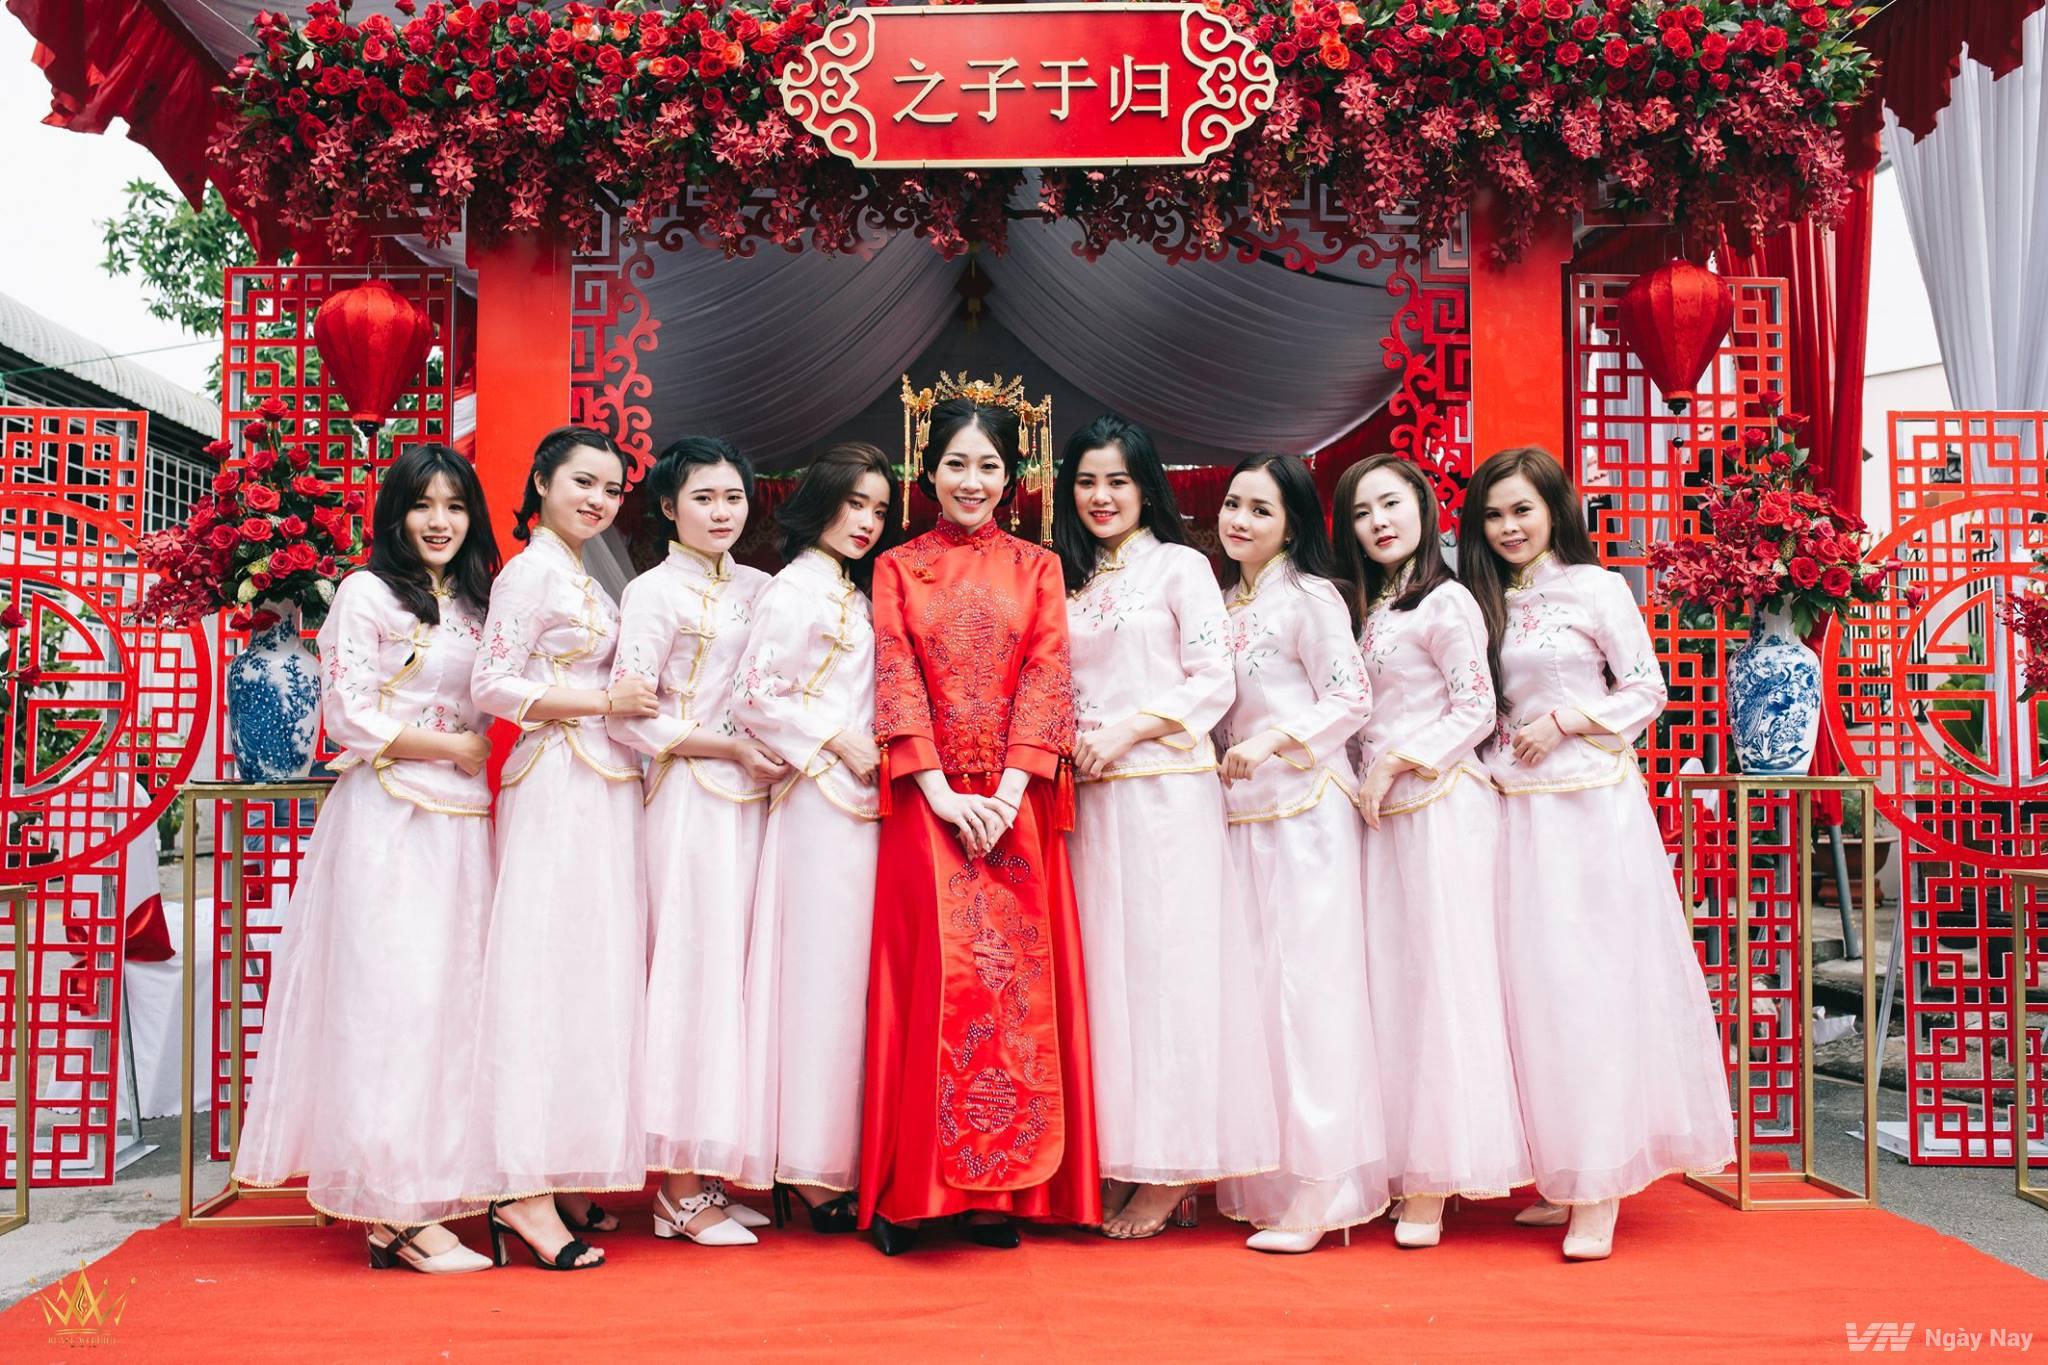 Mẫu áo dài bưng quả Trung Hoa đẹp